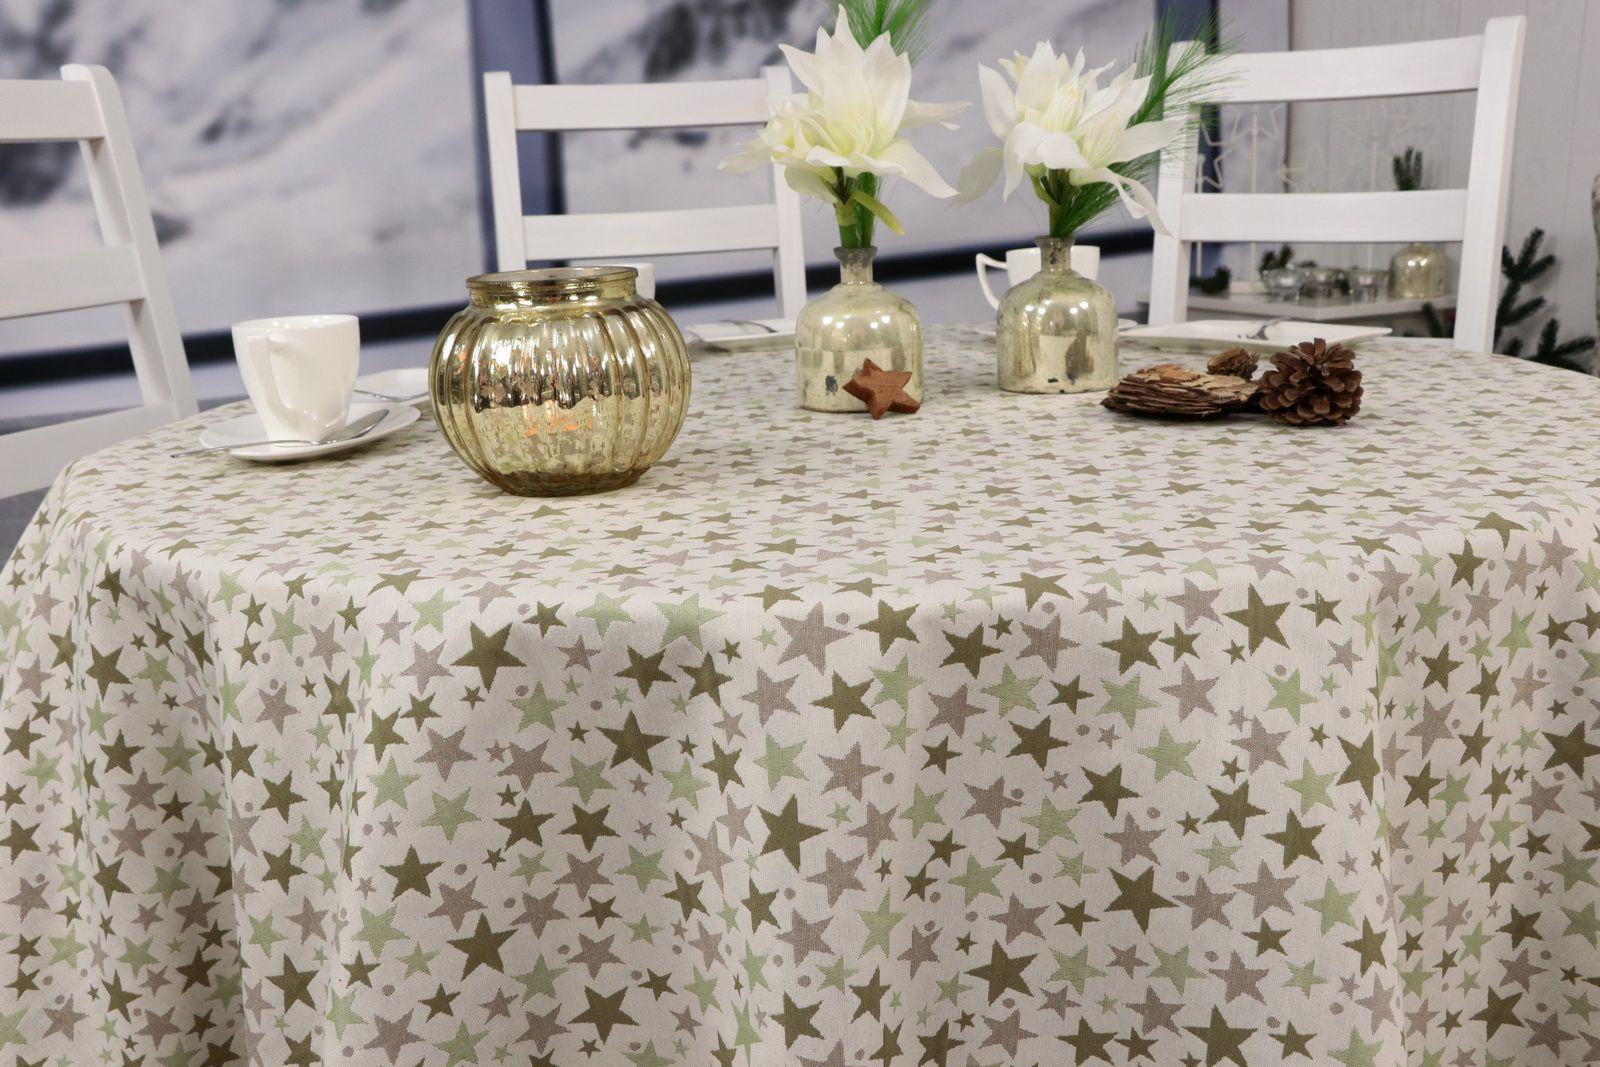 Pin Von Tischdecken Shop Tideko Auf Weihnachtstischdecken Von Www Tischdecken Shop De Dekor Runde Tischdecke